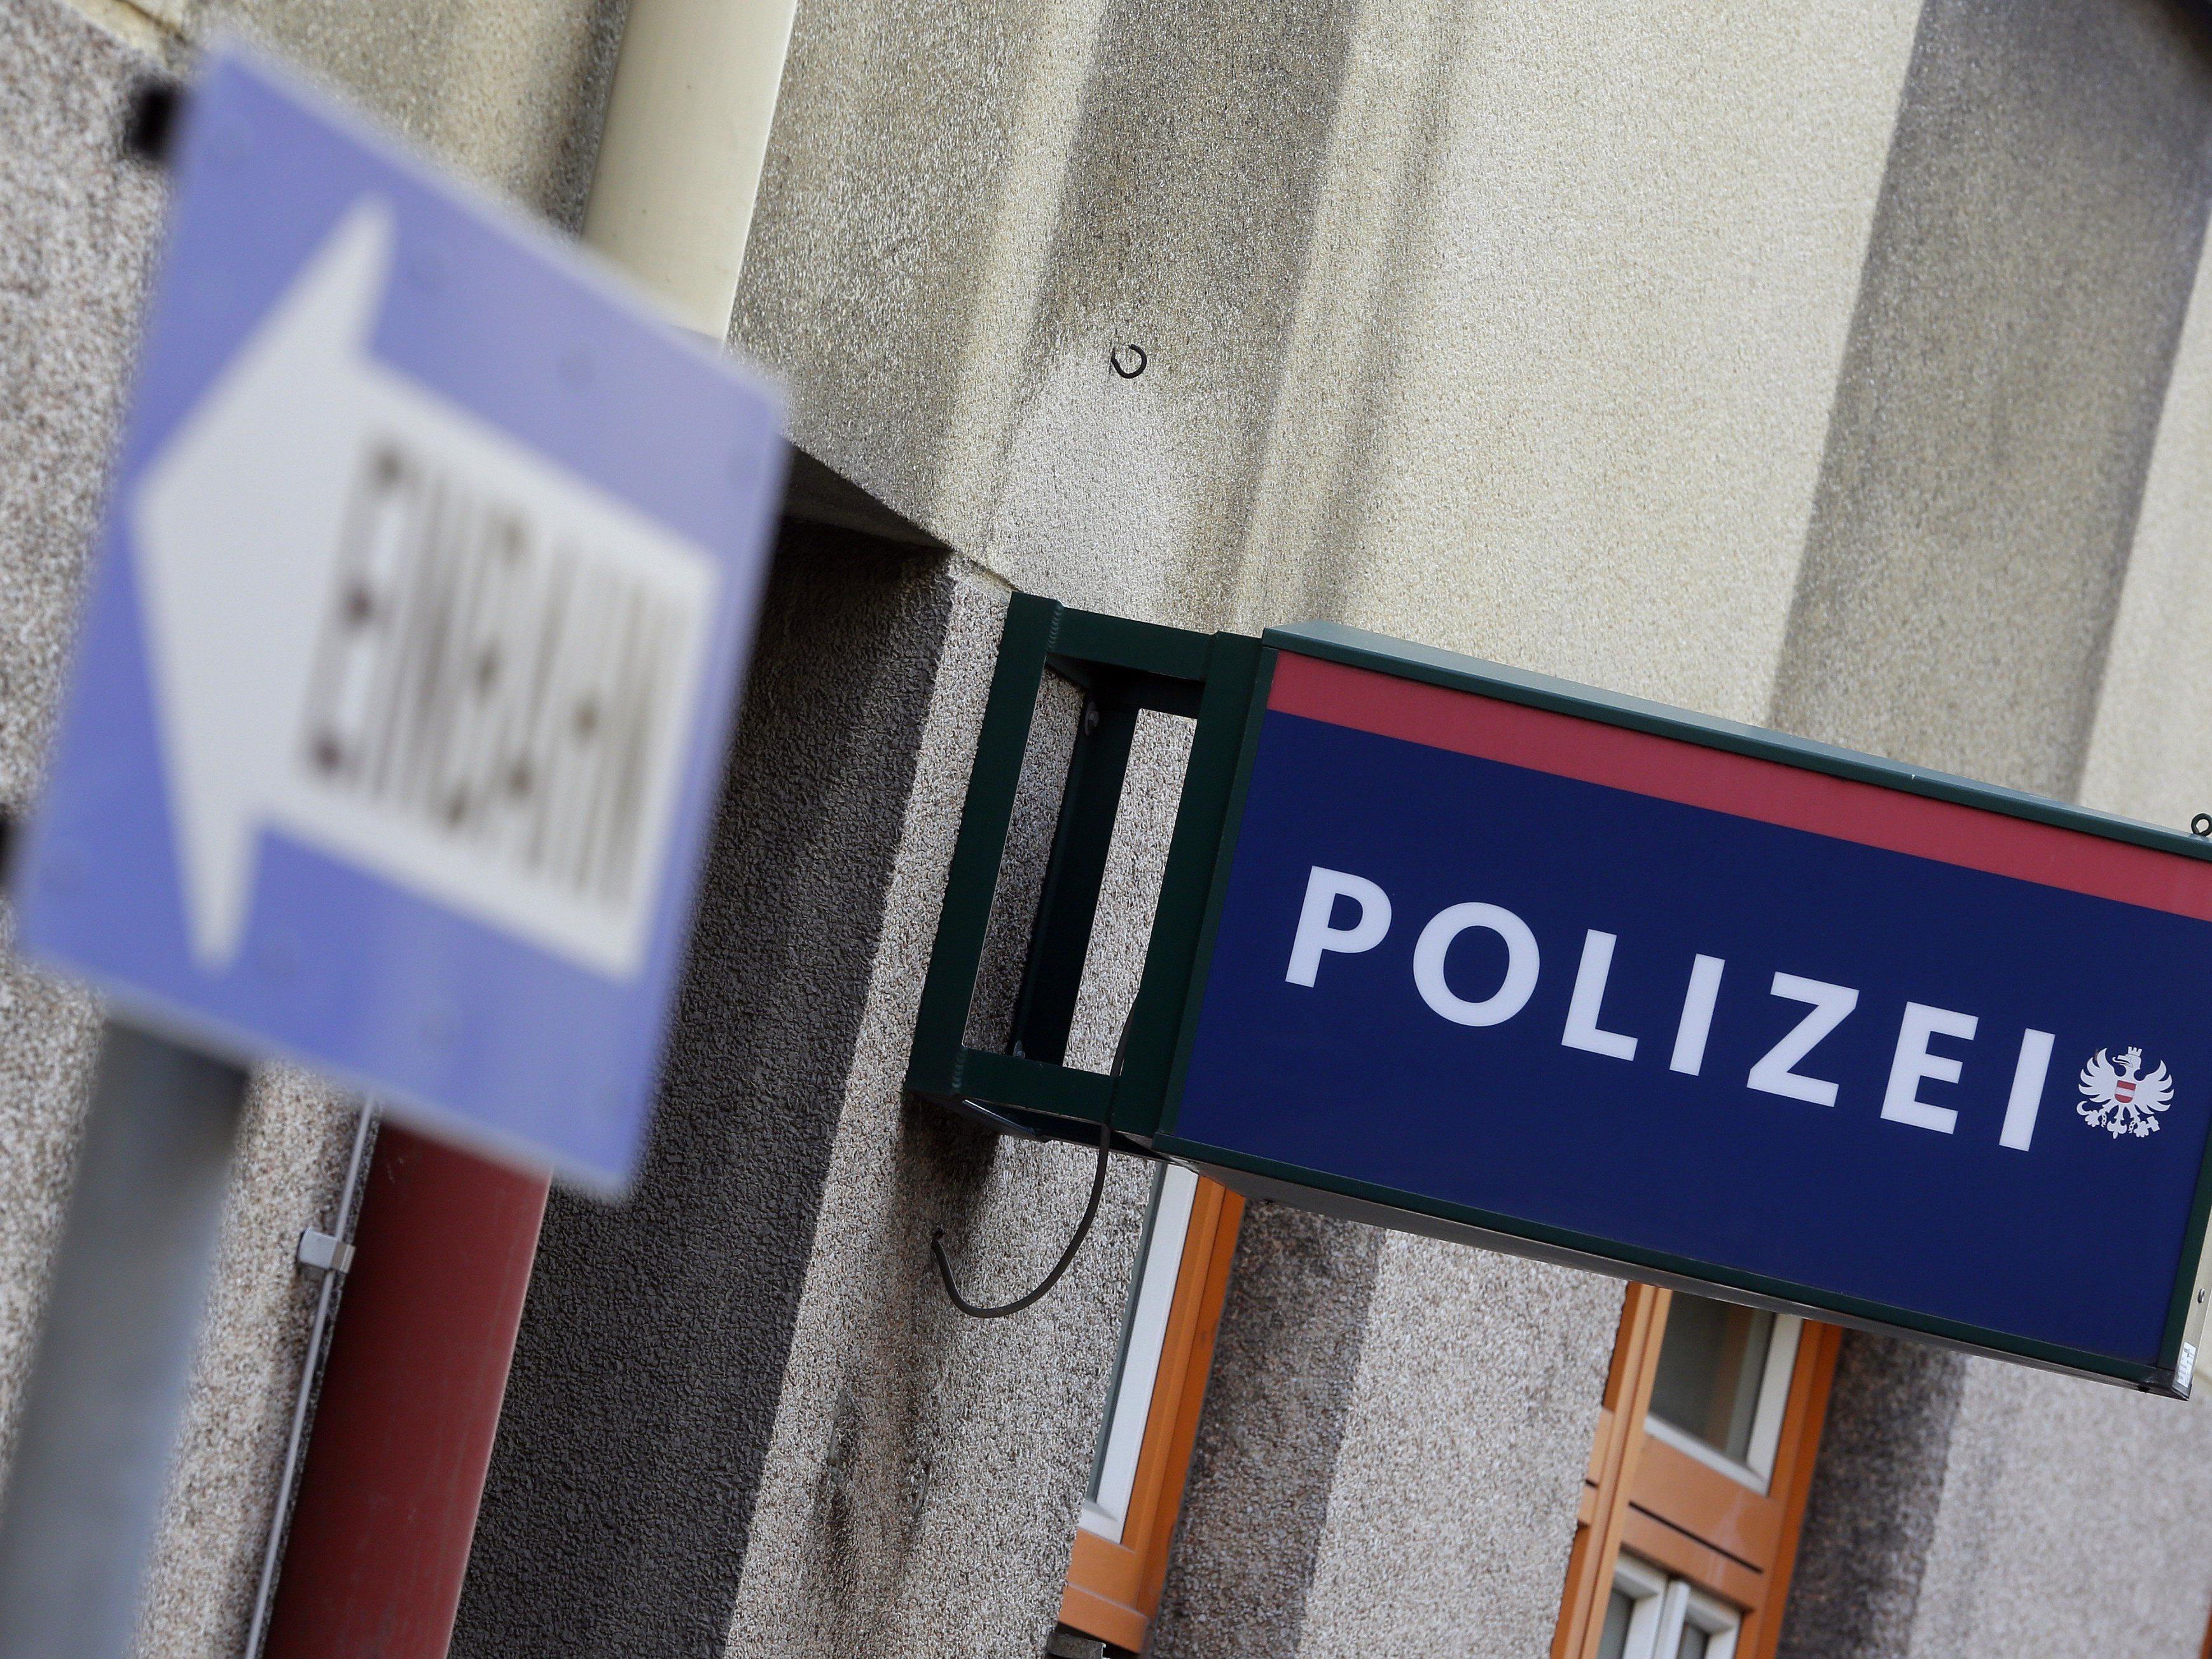 Eine 24-jährige Frau verletzte einen Polizisten.